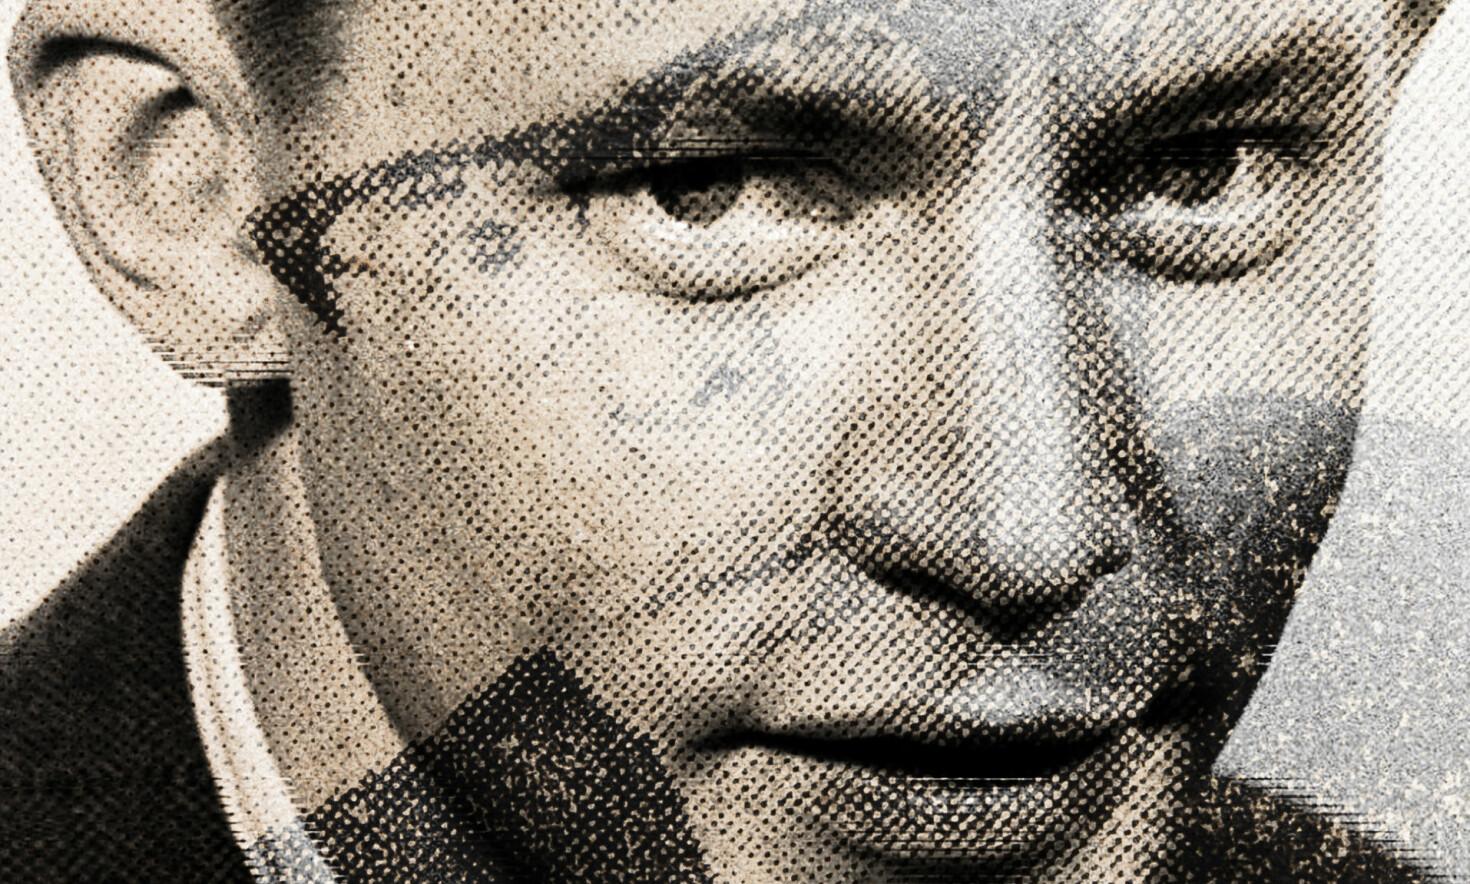 INGEN HVEM SOM HELST: Ola Teigen fra Narvik ledet AUF, landets største ungdomsparti. Han var en politisk komet, Arbeiderpartiets kronprins. Han ble bare 33 år. Foto: Arbeiderbevegelsens arkiv og bibliotek